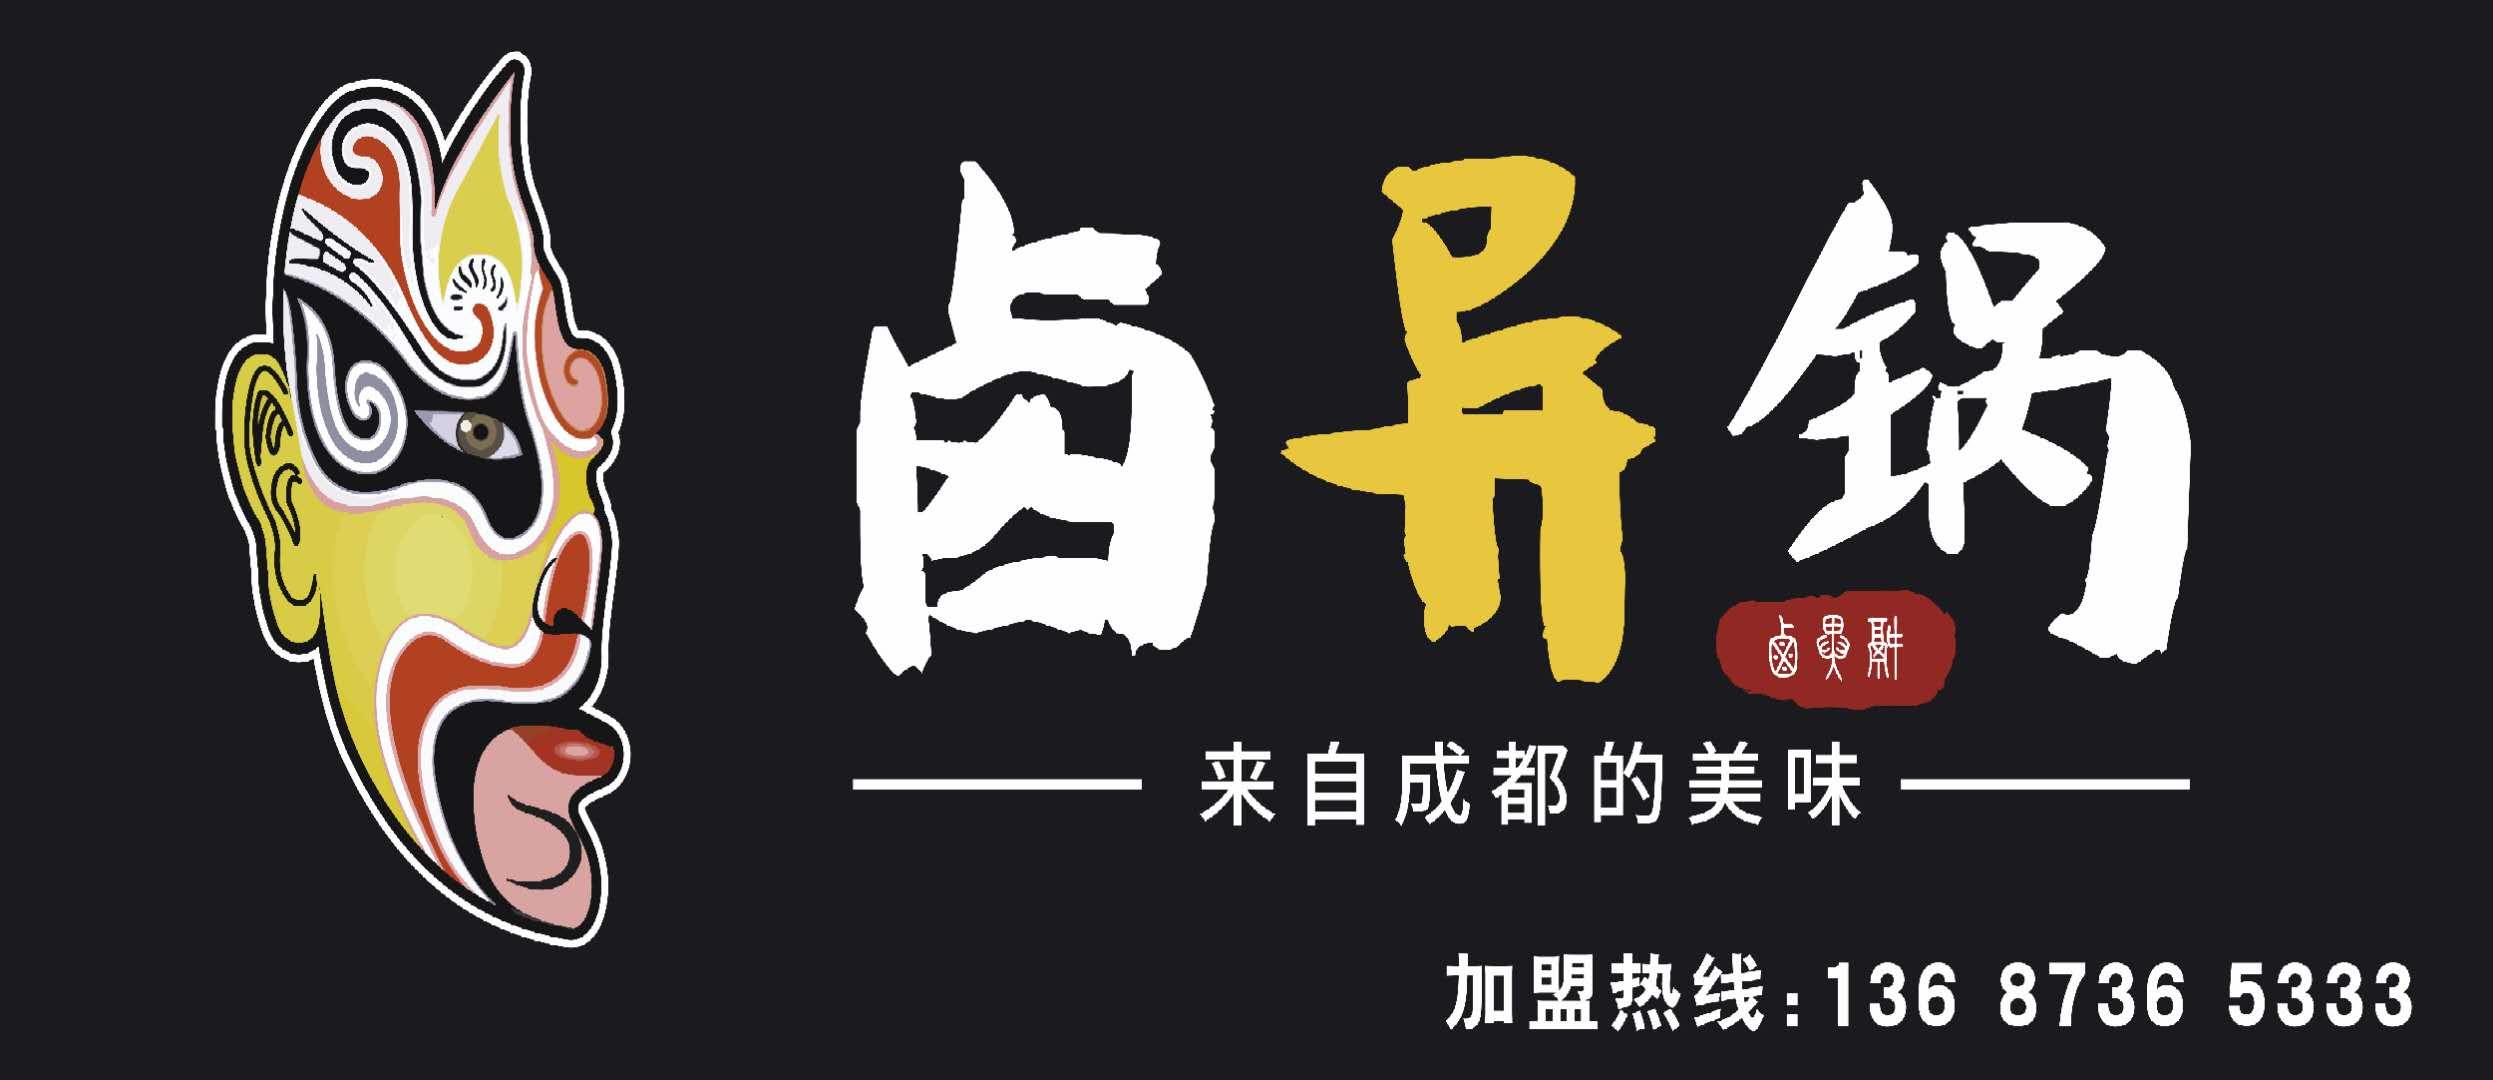 湖南卤异锅熟食有限公司